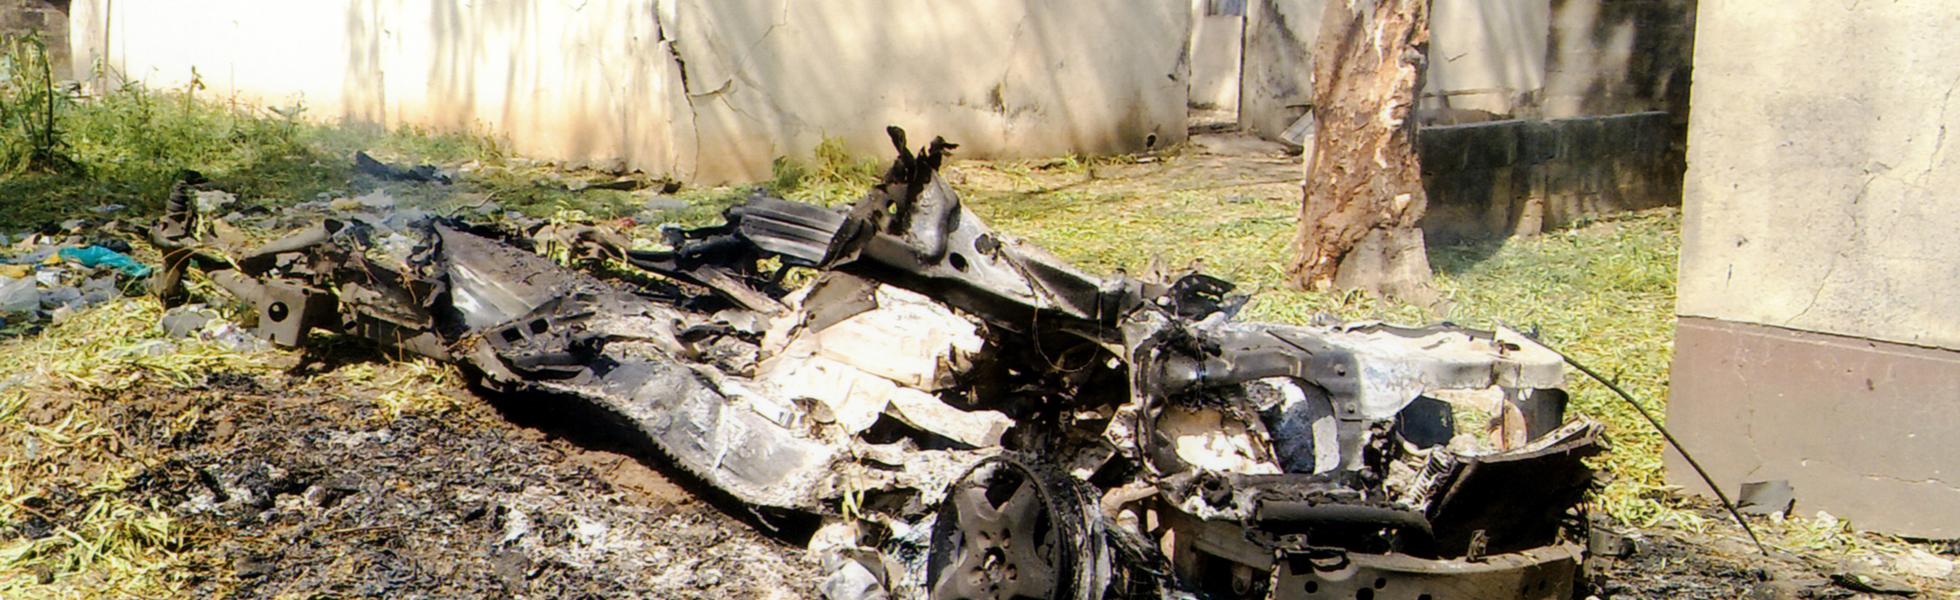 Nigeria – Fulani terror group commits Boko Haram-style massacres against Christians